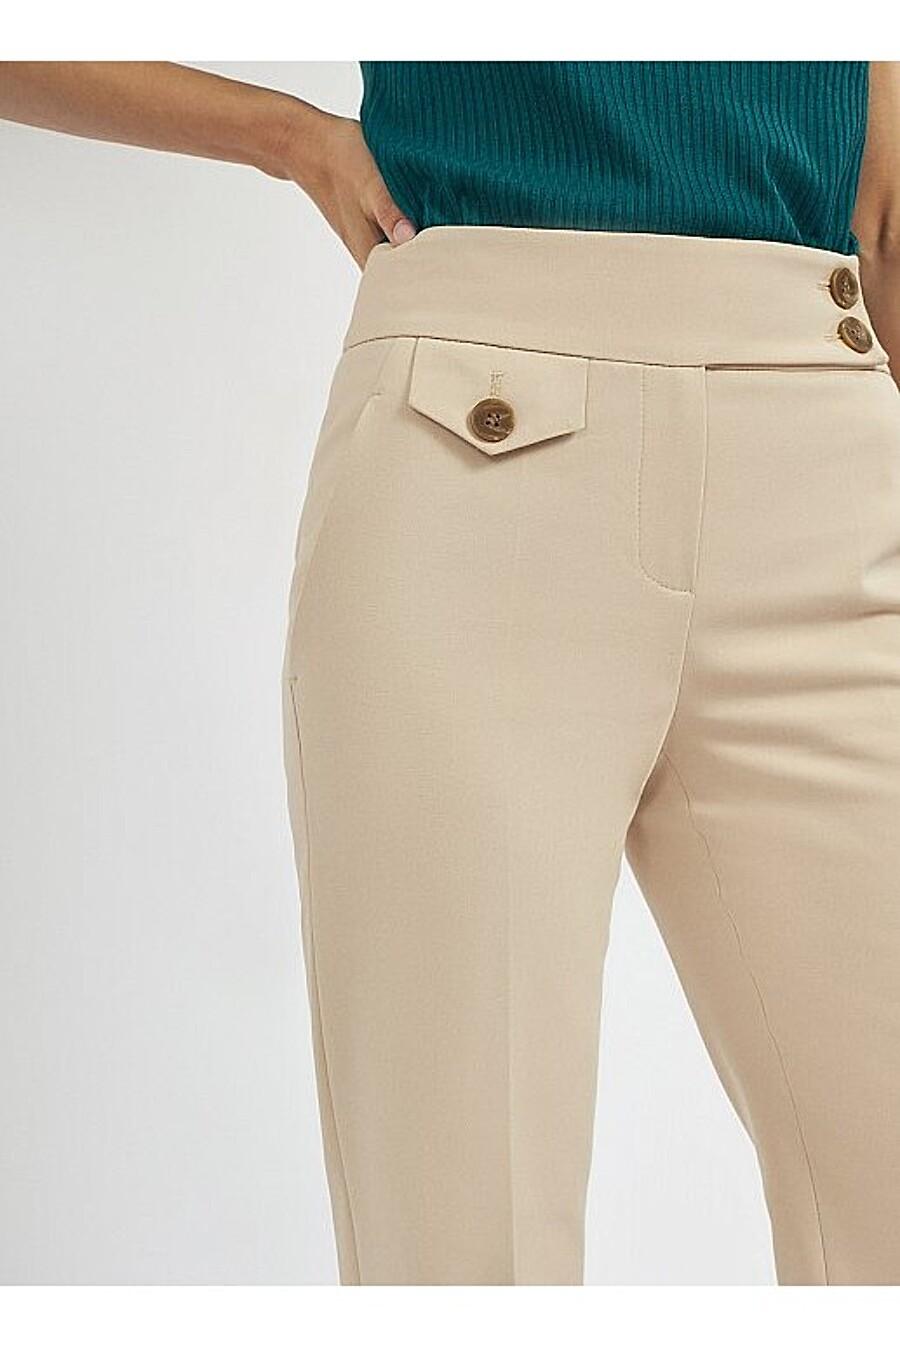 Брюки для женщин CALISTA 655306 купить оптом от производителя. Совместная покупка женской одежды в OptMoyo